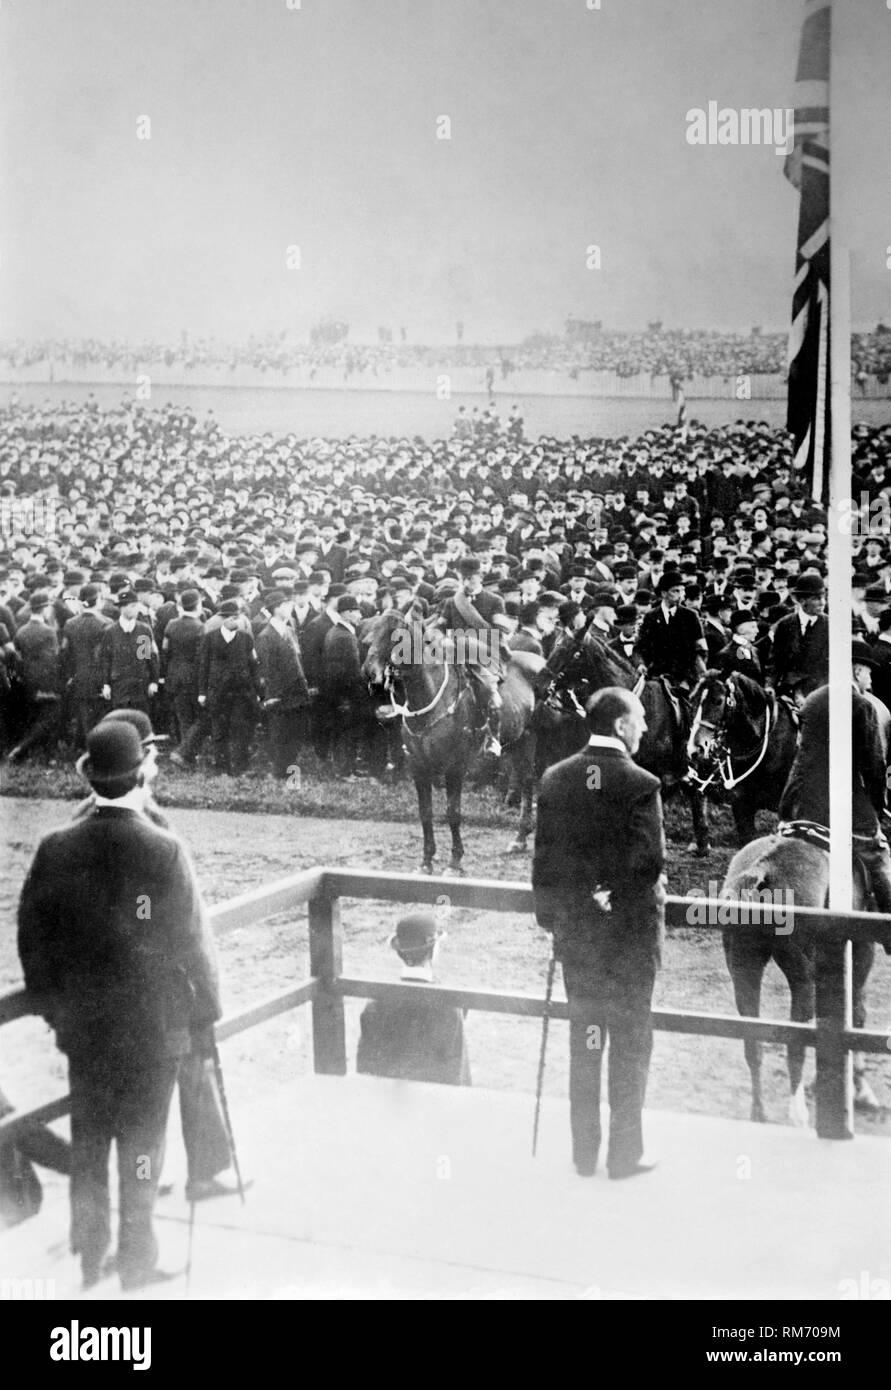 Sir Edward Carson Führer der irische Ulster Unionist Party Adressen der Freiwilligen Miliz in Belfast während der Krise im Jahr 1914. Die Ulster Freiwillige wurden eine paramilitärische Gruppe von Ulster Protestanten gebildet Home Rule in Irland, als der erste Weltkrieg ausbrach und sie bildeten die Ulster Volunteer 36th Ulster Division der Britischen Armee zu kämpfen. Stockbild